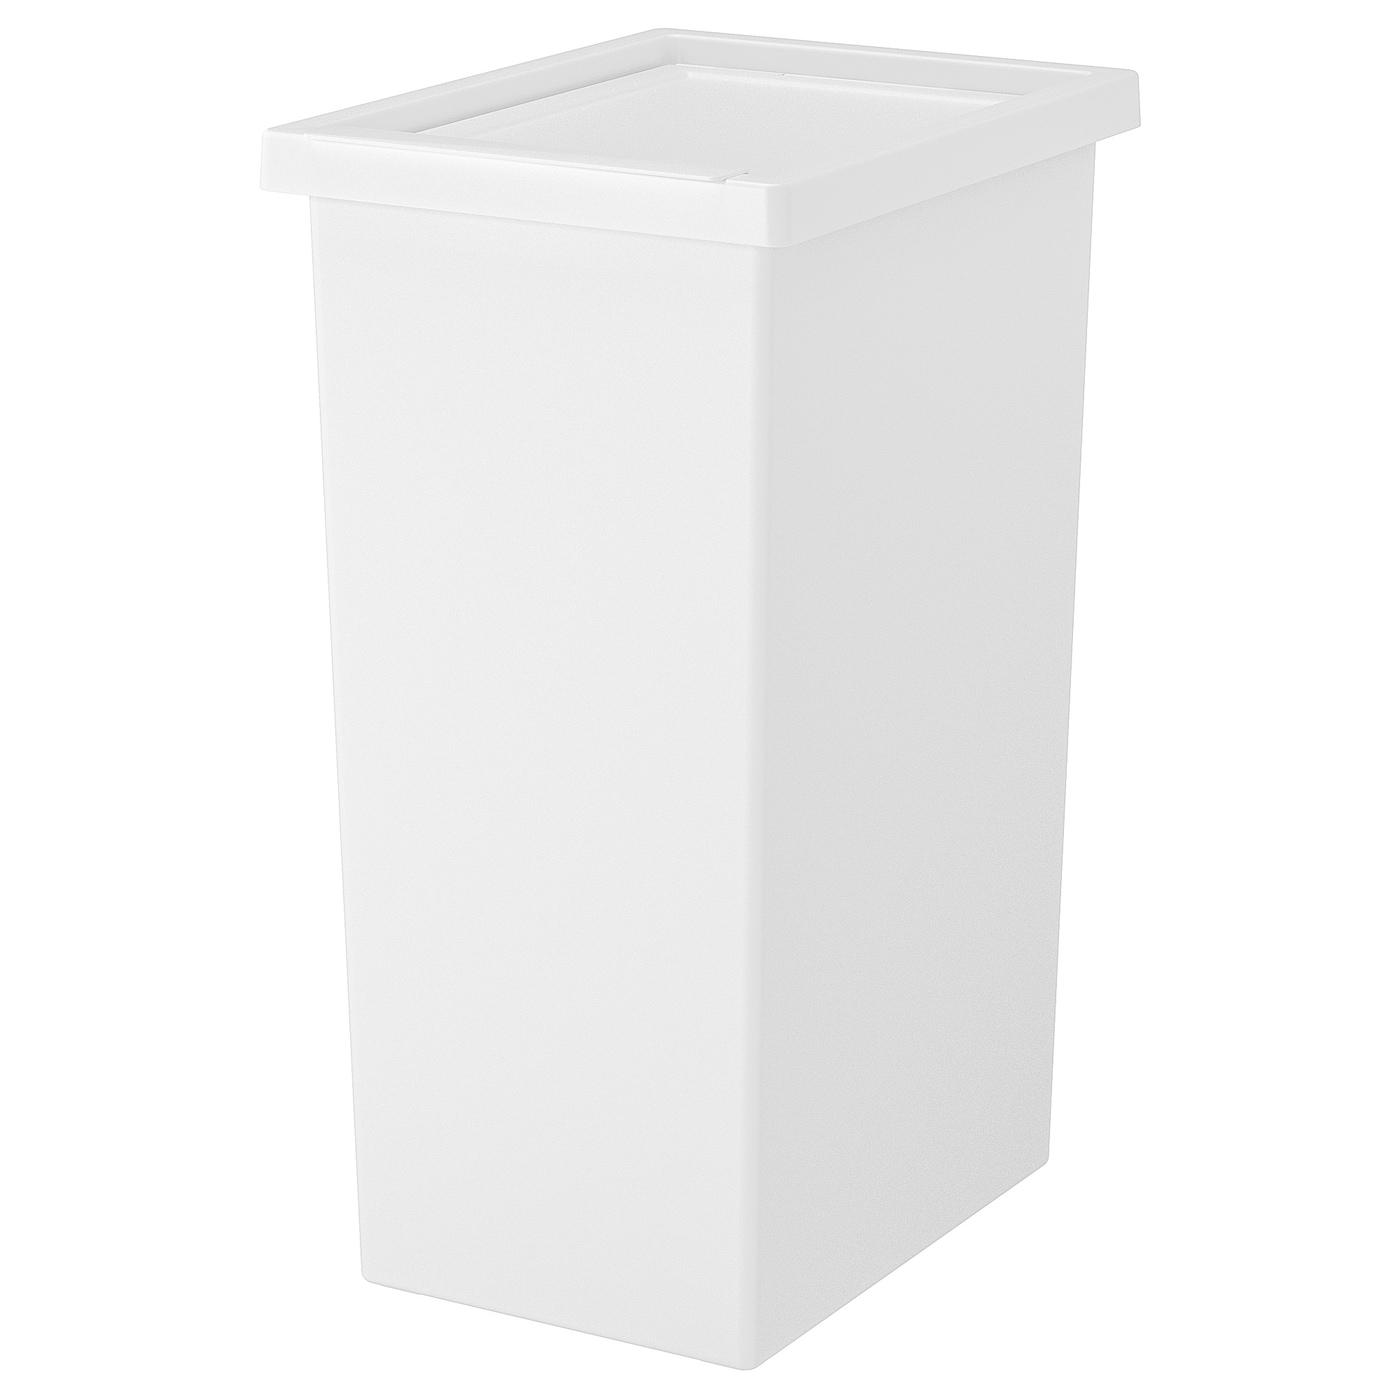 Raccolta Differenziata Bidoni Ikea filur bidone con coperchio - bianco 42 l